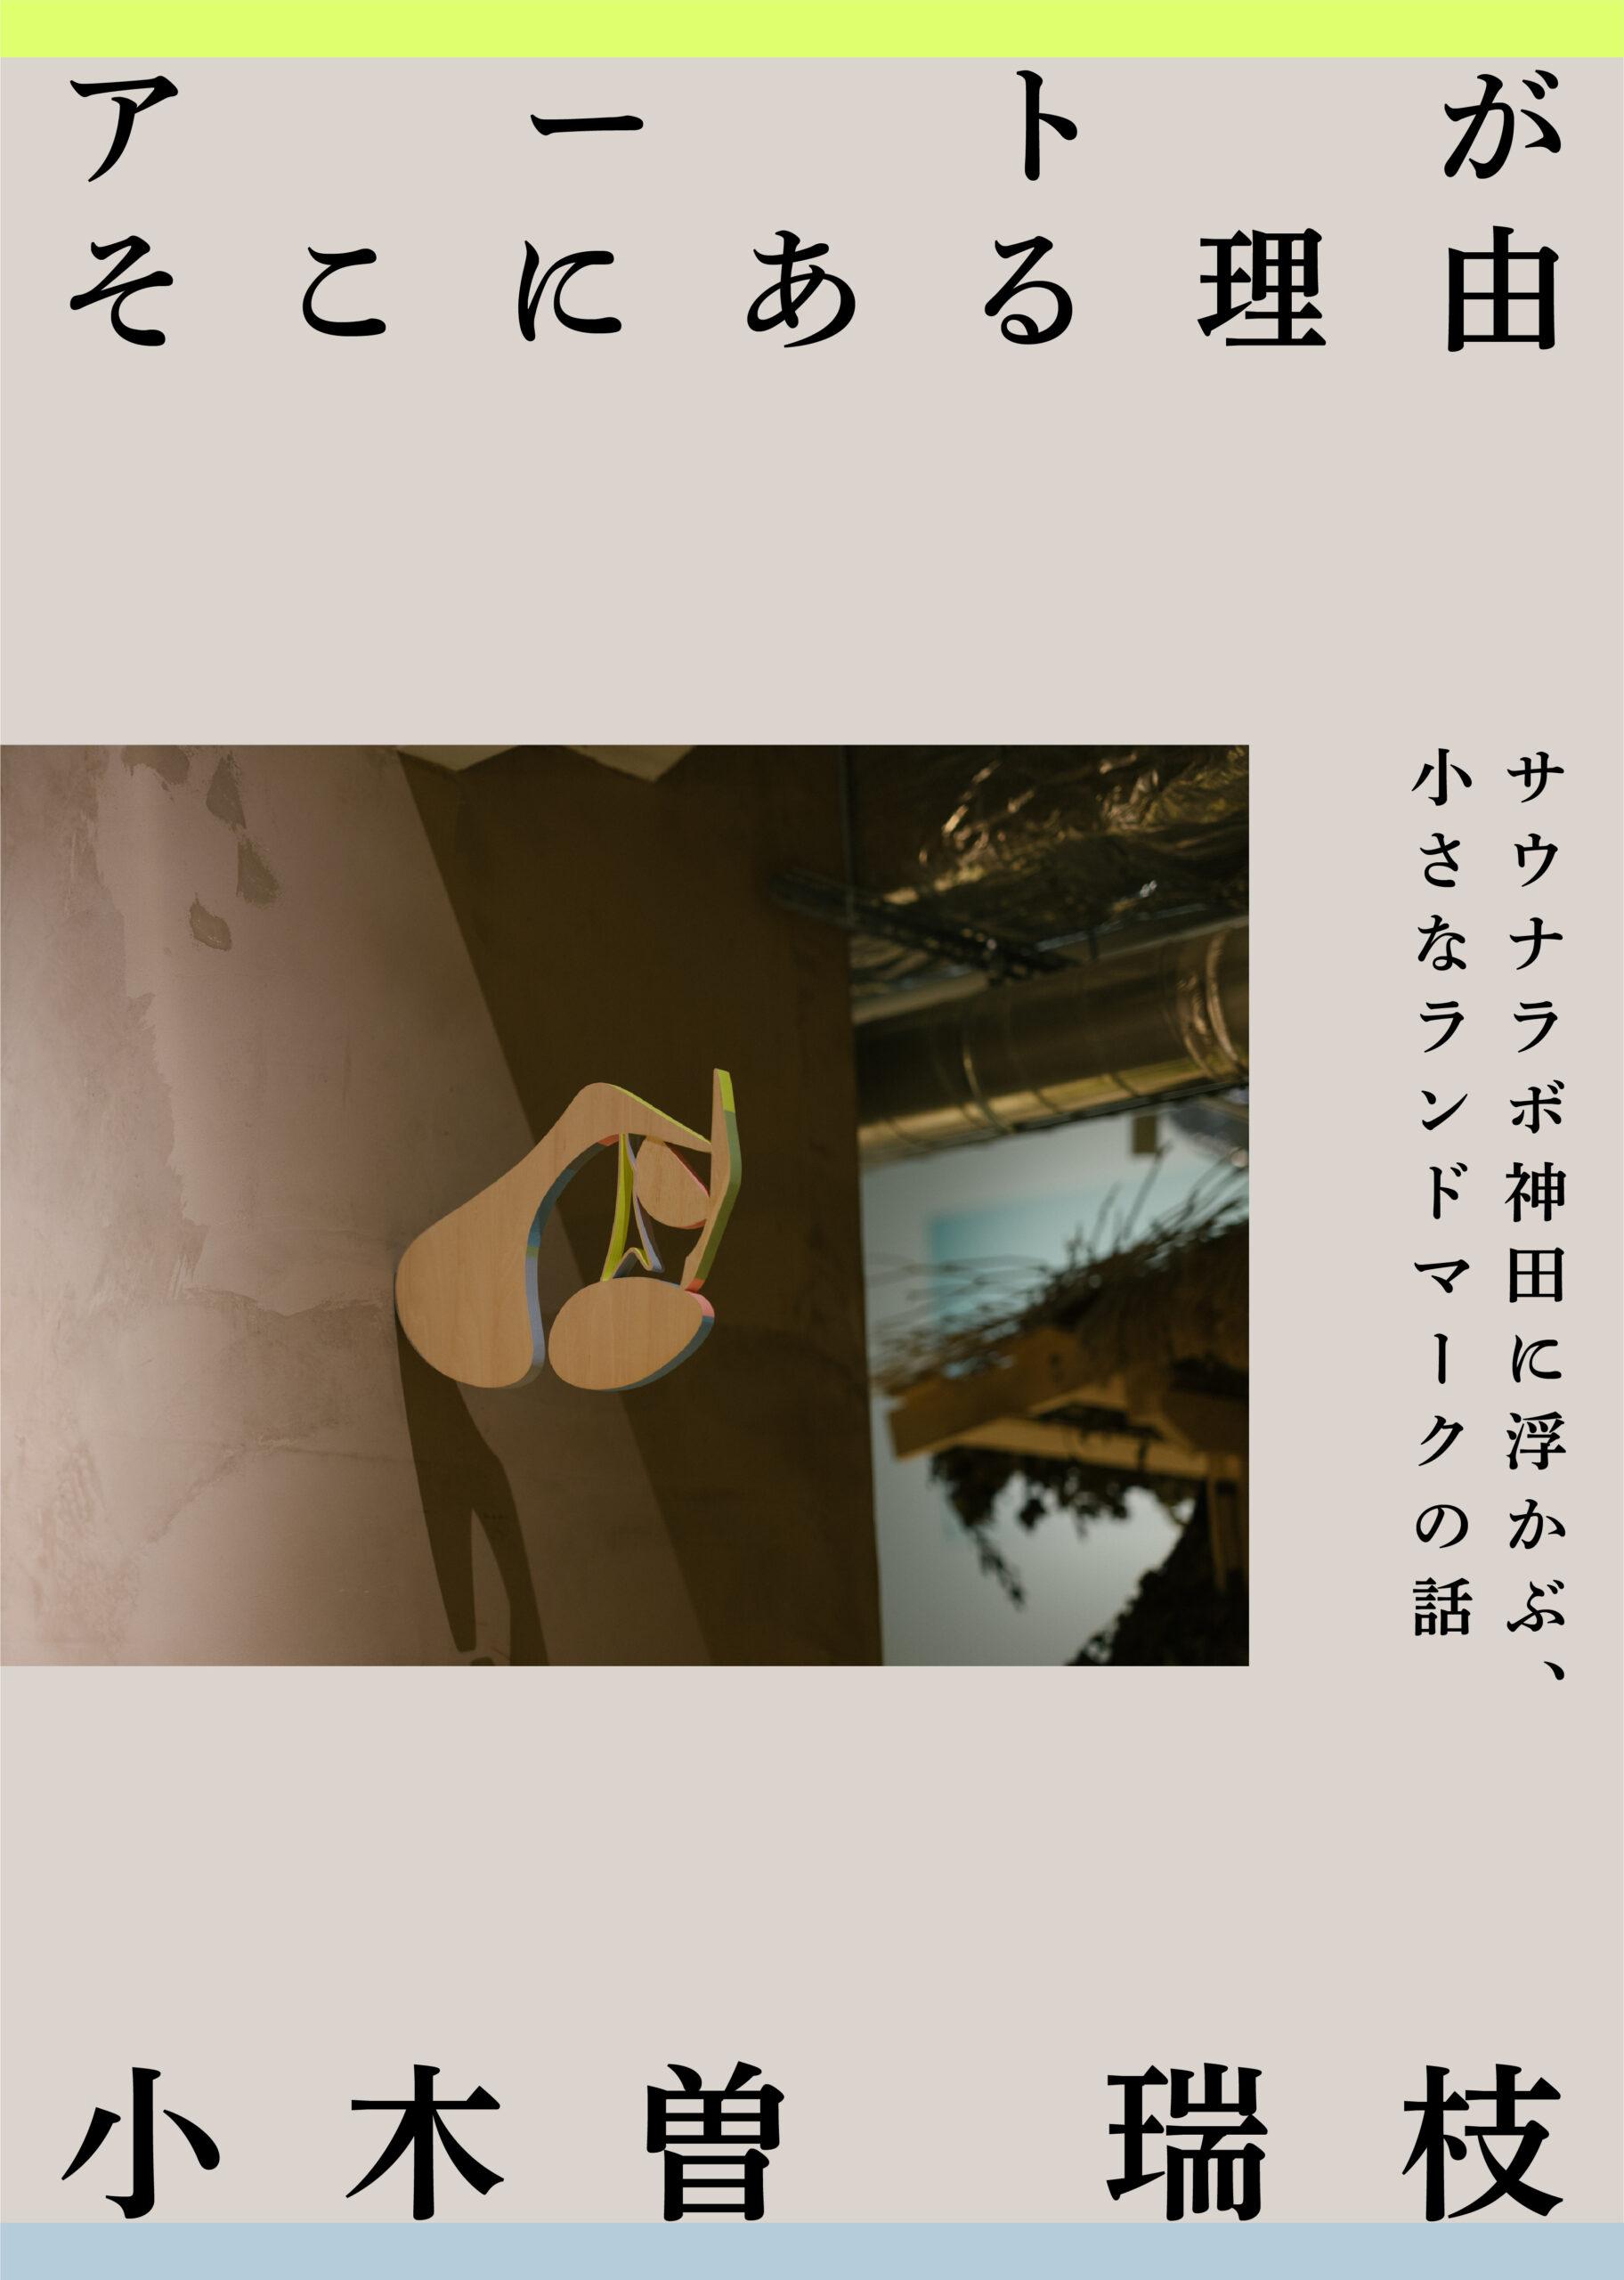 アートがそこにある理由|サウナラボ神田に浮かぶ、小さなランドマークの話